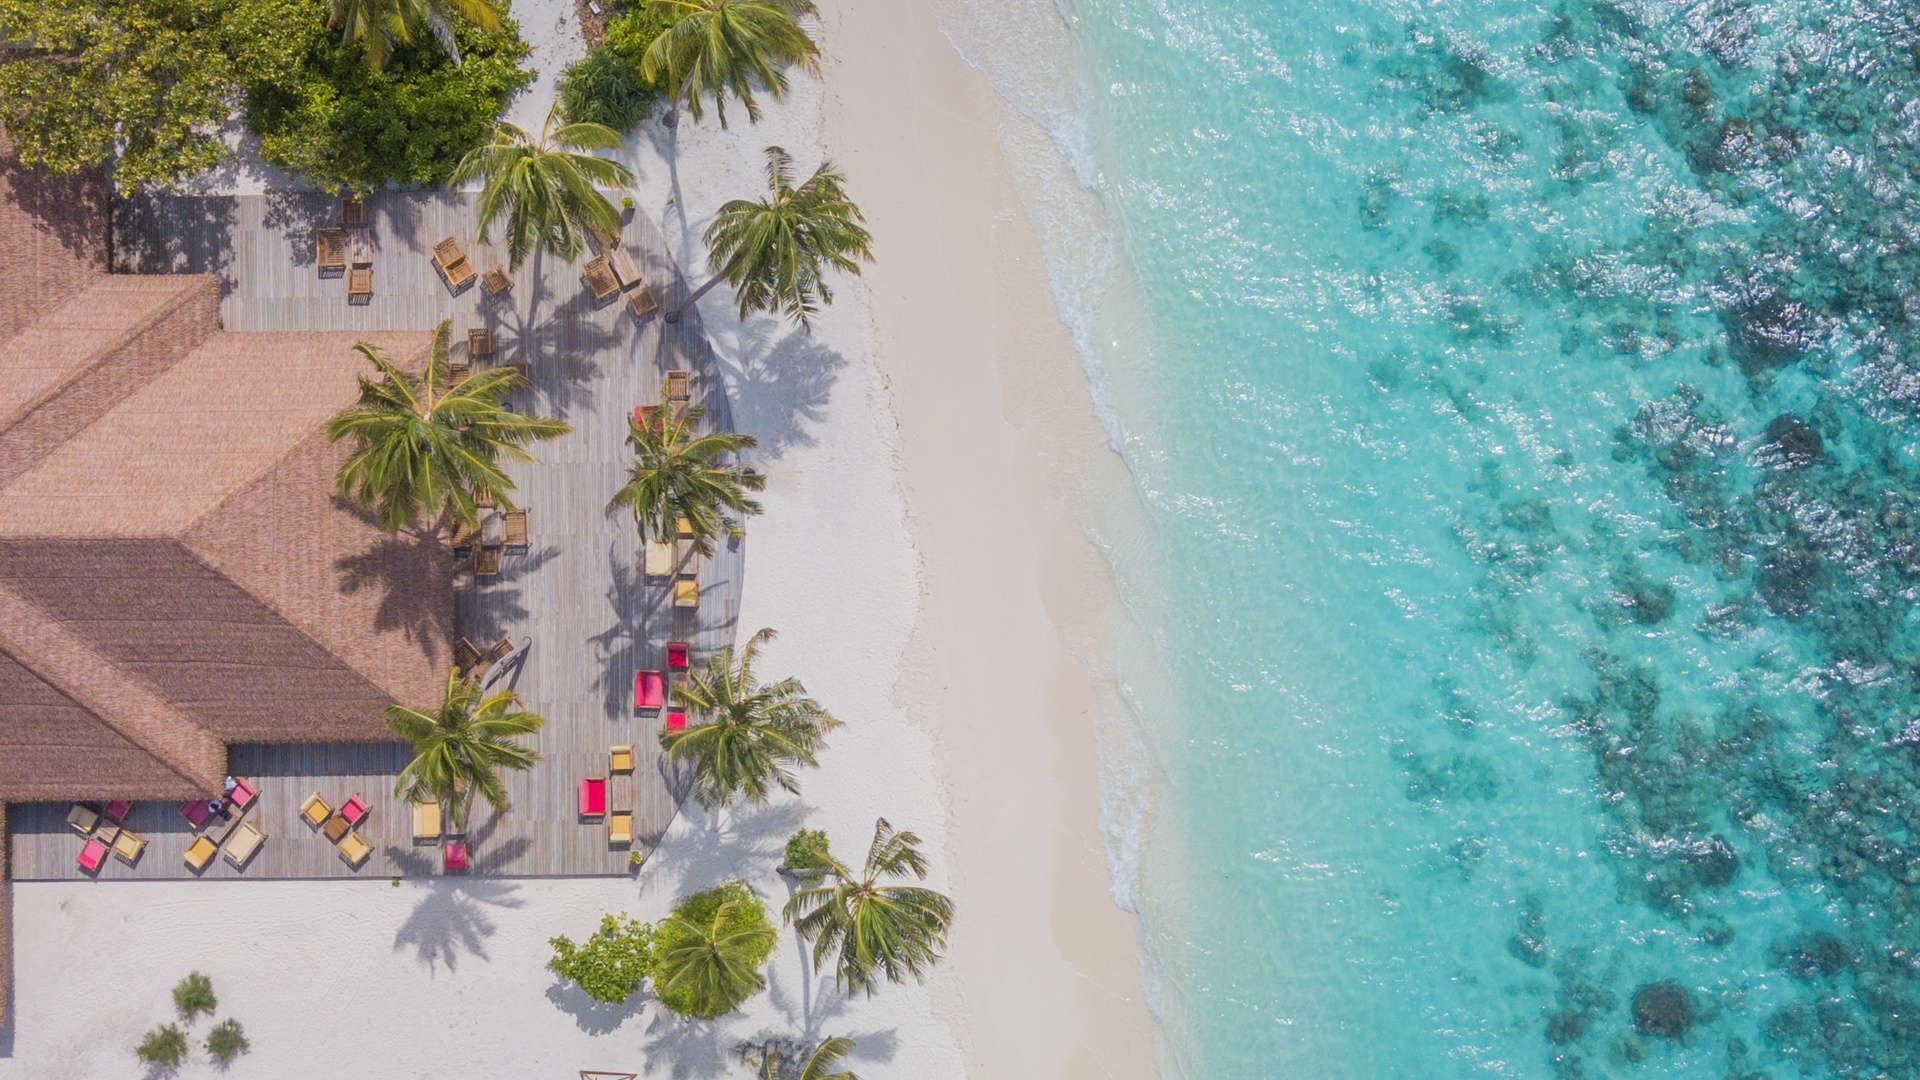 maldives, beach aerial view, ocean, palm trees, top view, tropical island